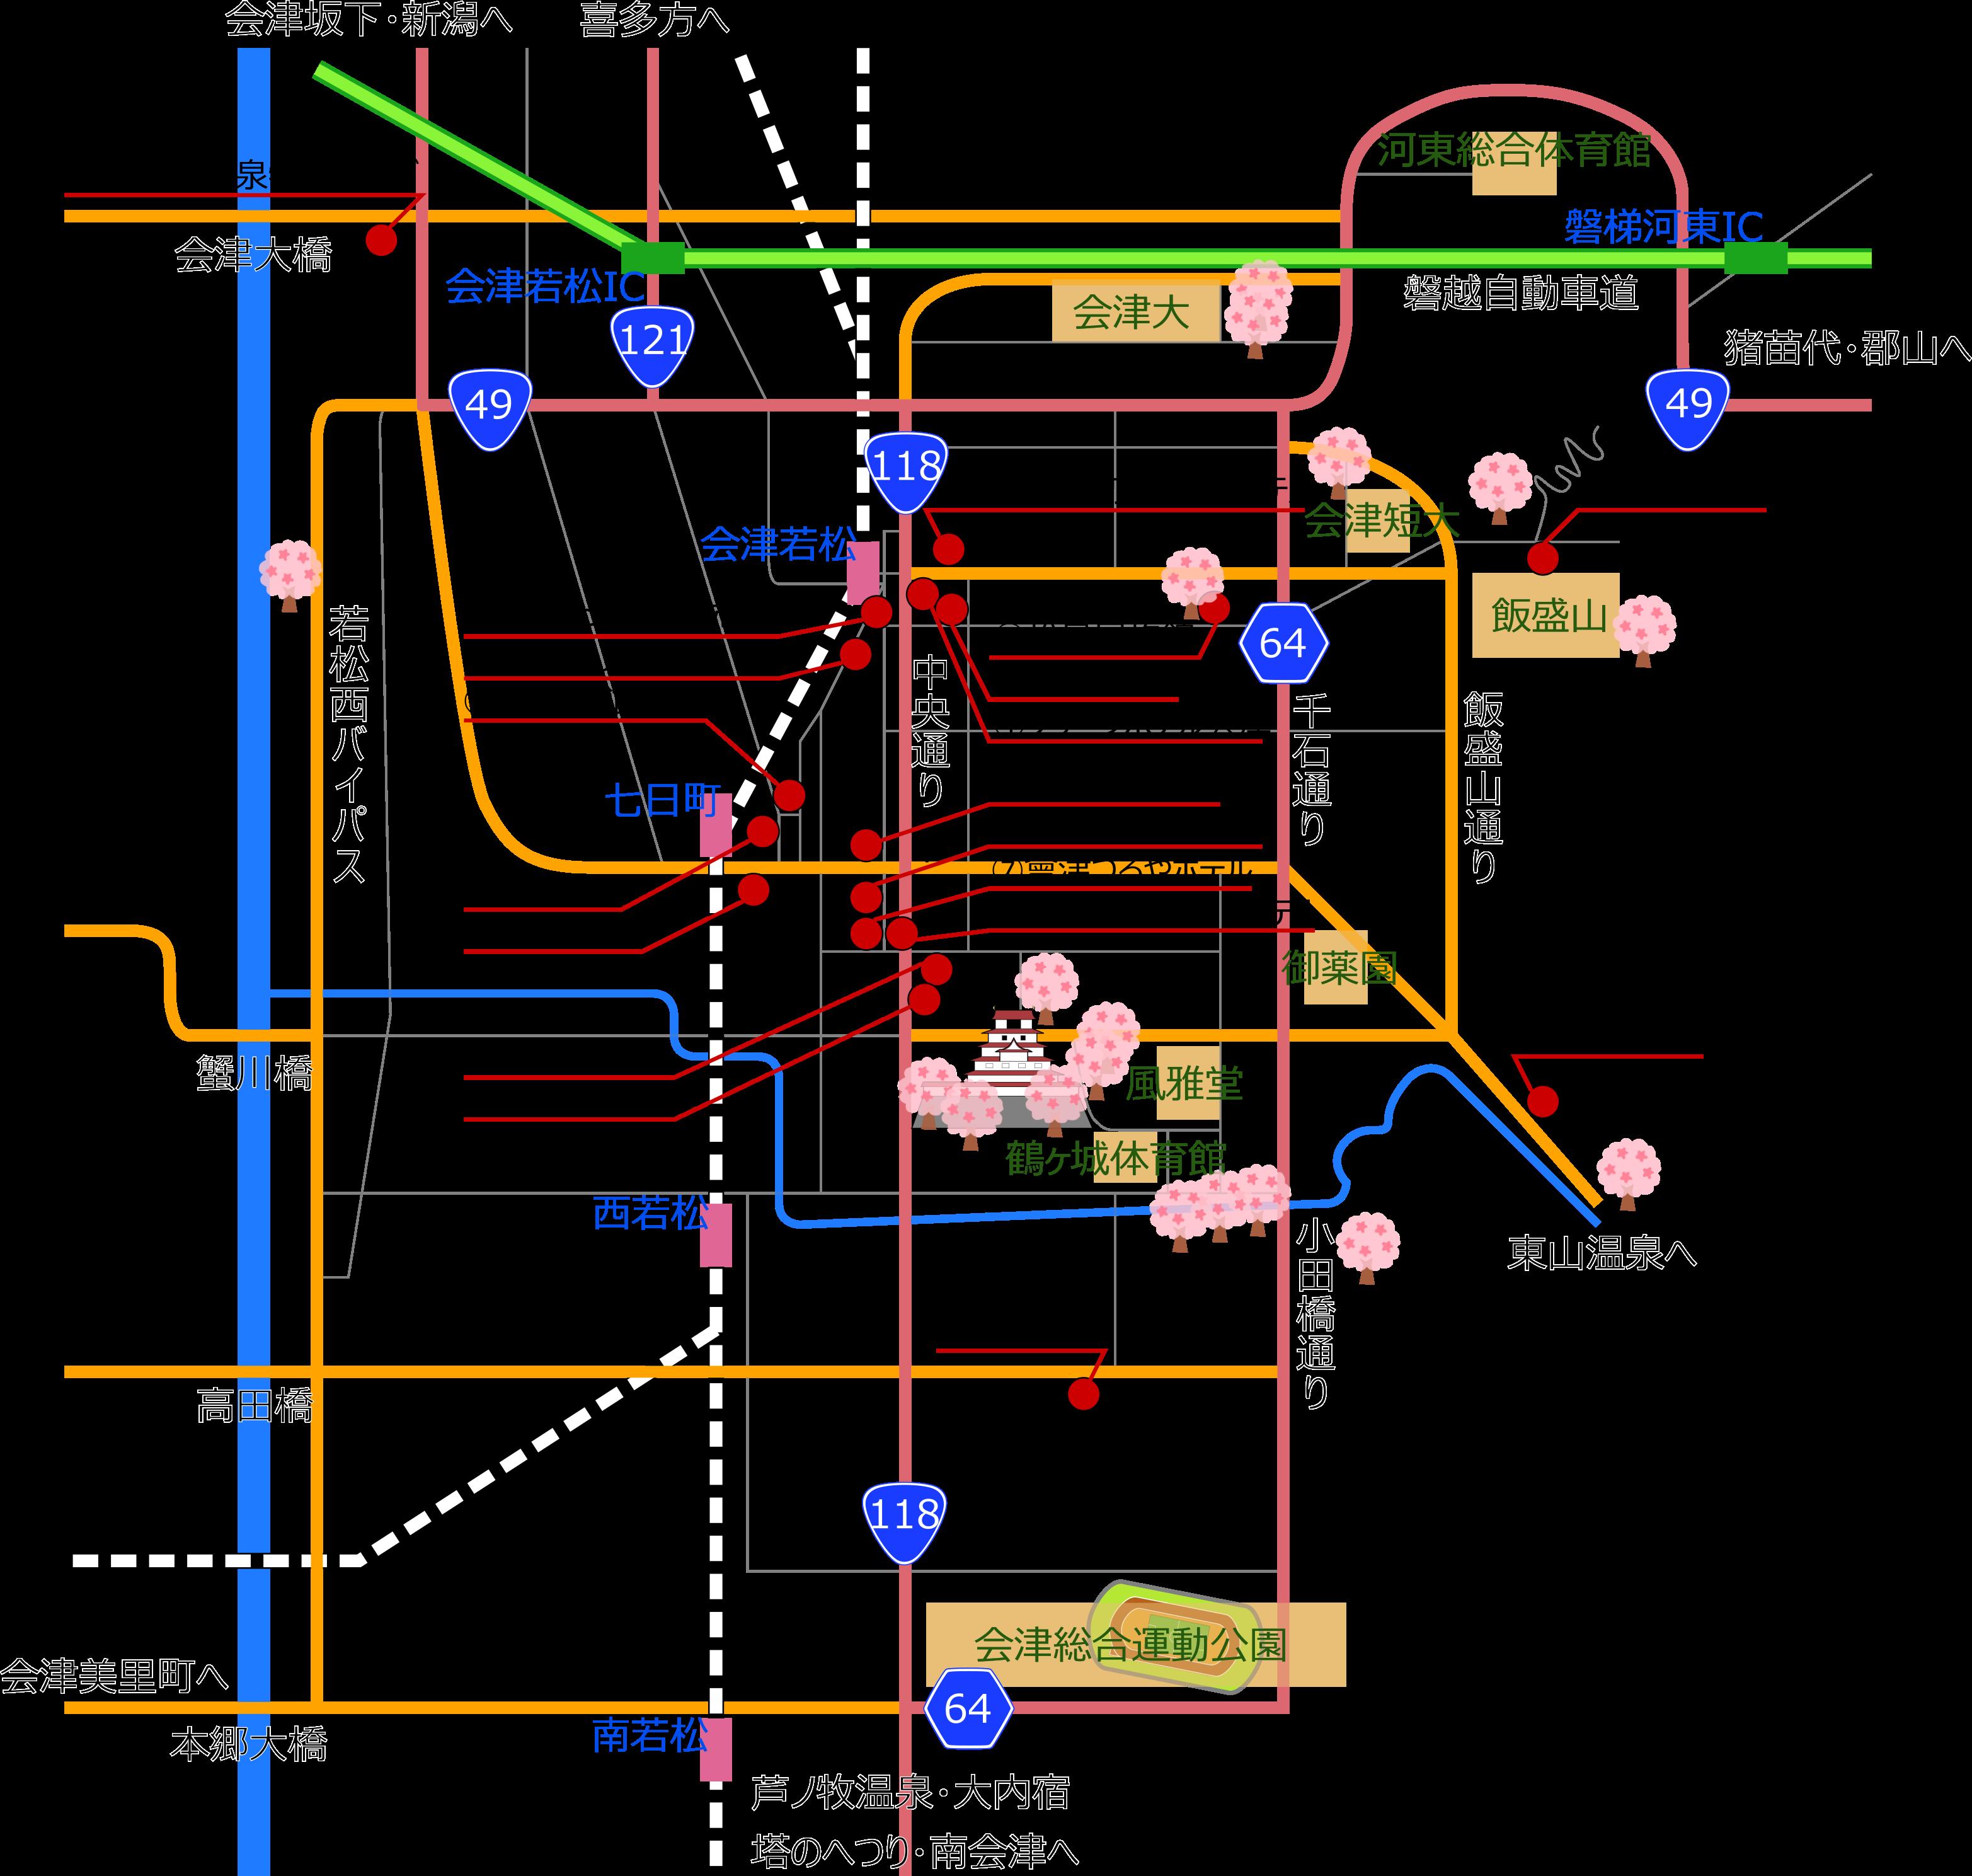 若松城下の宿マップ